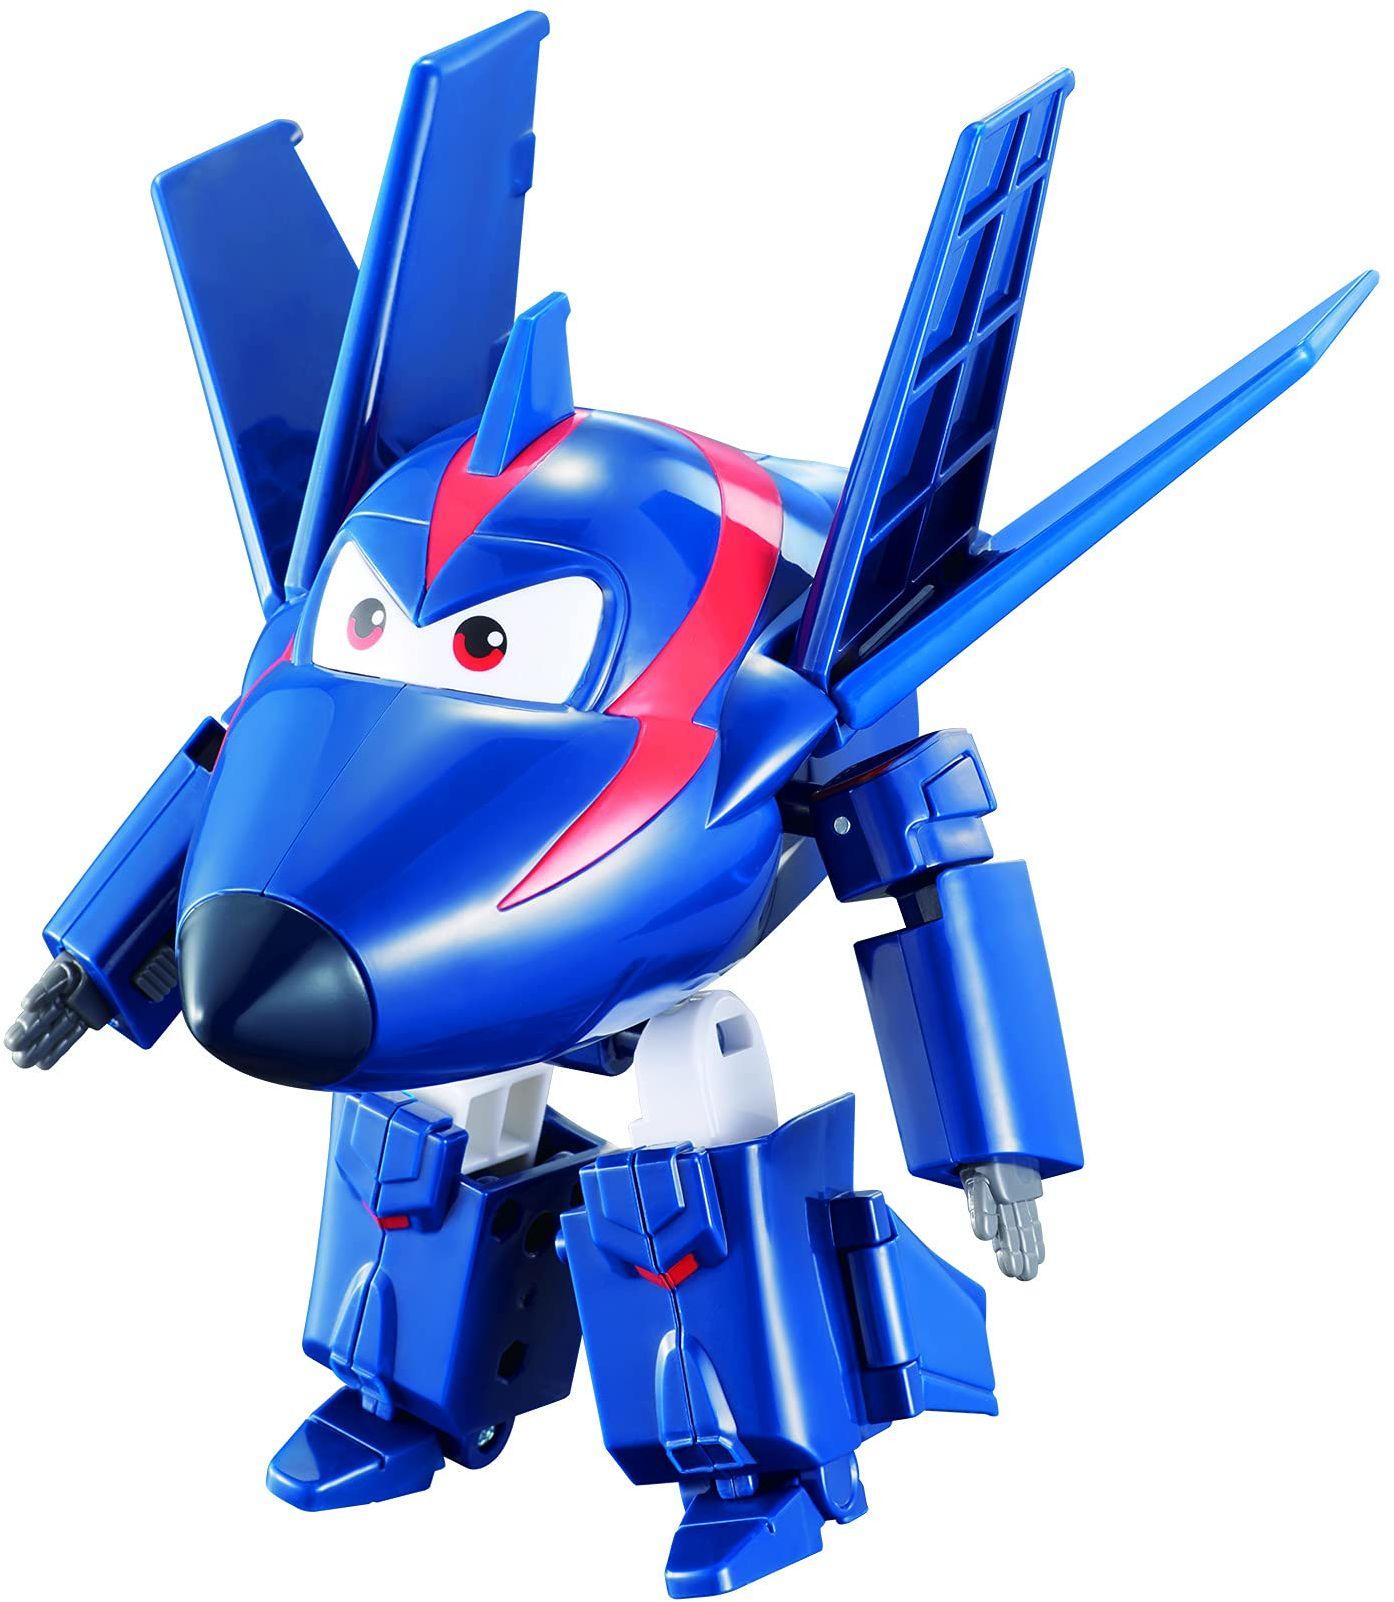 Auldey eu720223 Super Wings  transforming Agent Chace z przegubem  sezon 2, 12 cm